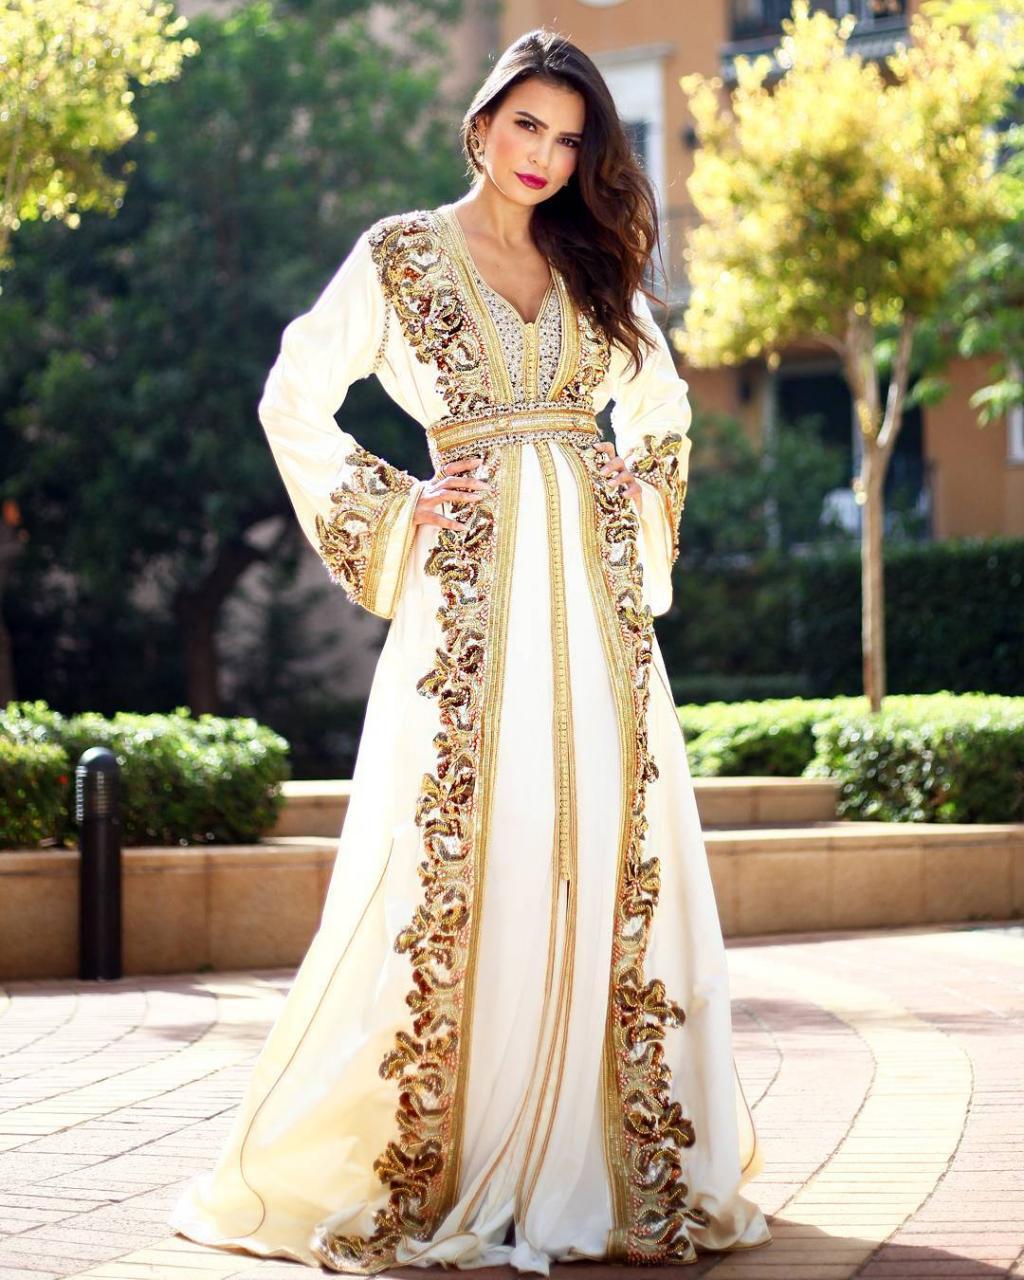 صورة اناقة مغربية الخياطة , خياطة موديلات مغربية قمة الاناقة والروعة